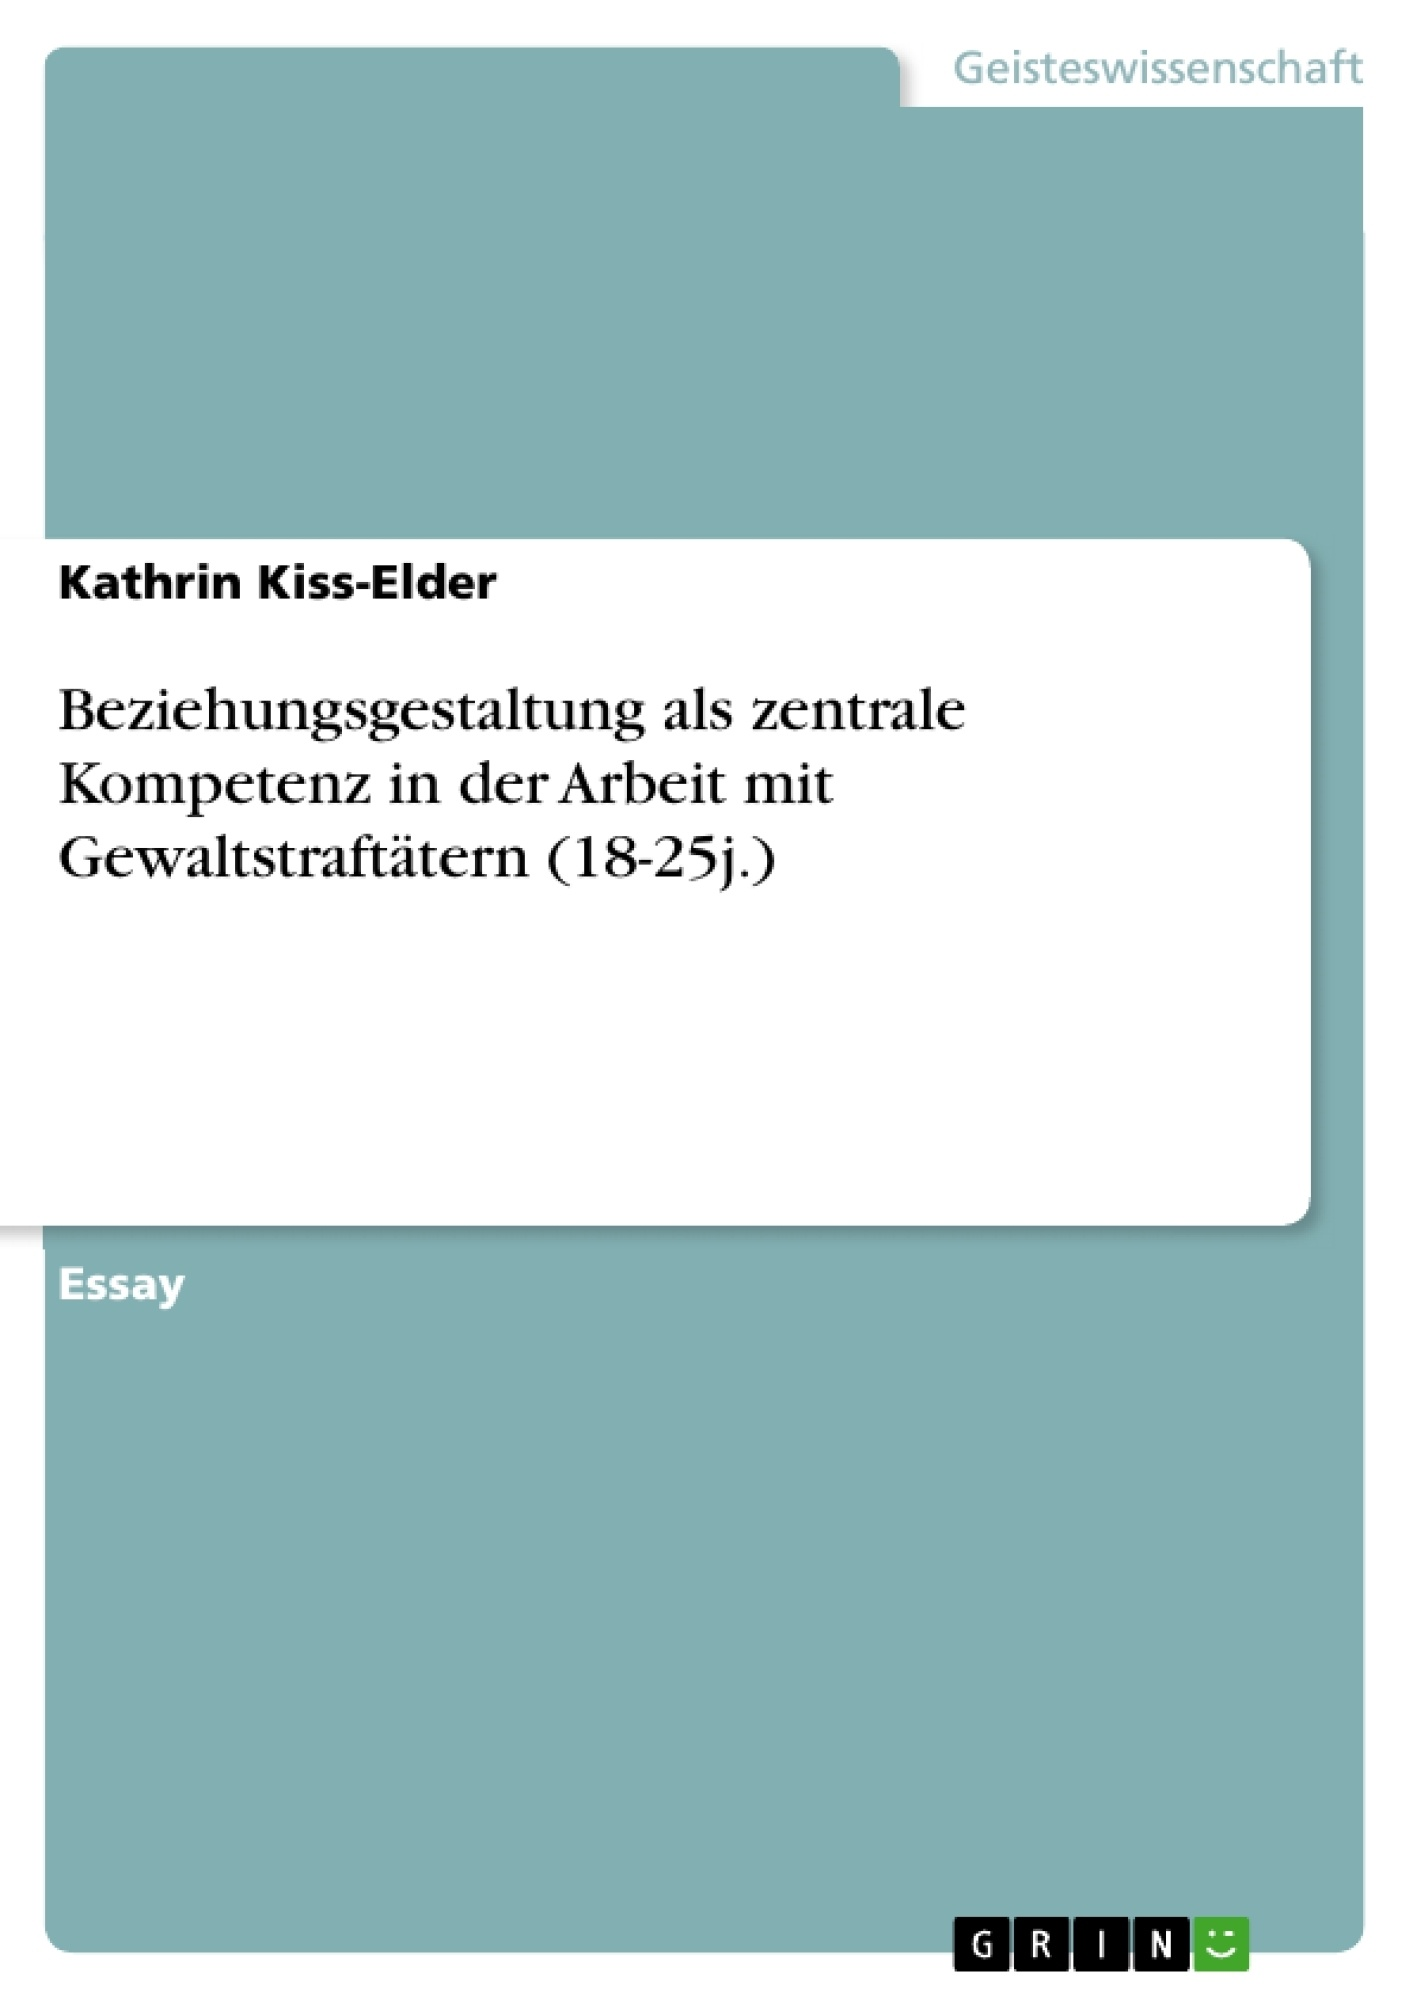 Titel: Beziehungsgestaltung als zentrale Kompetenz in der Arbeit mit Gewaltstraftätern (18-25j.)